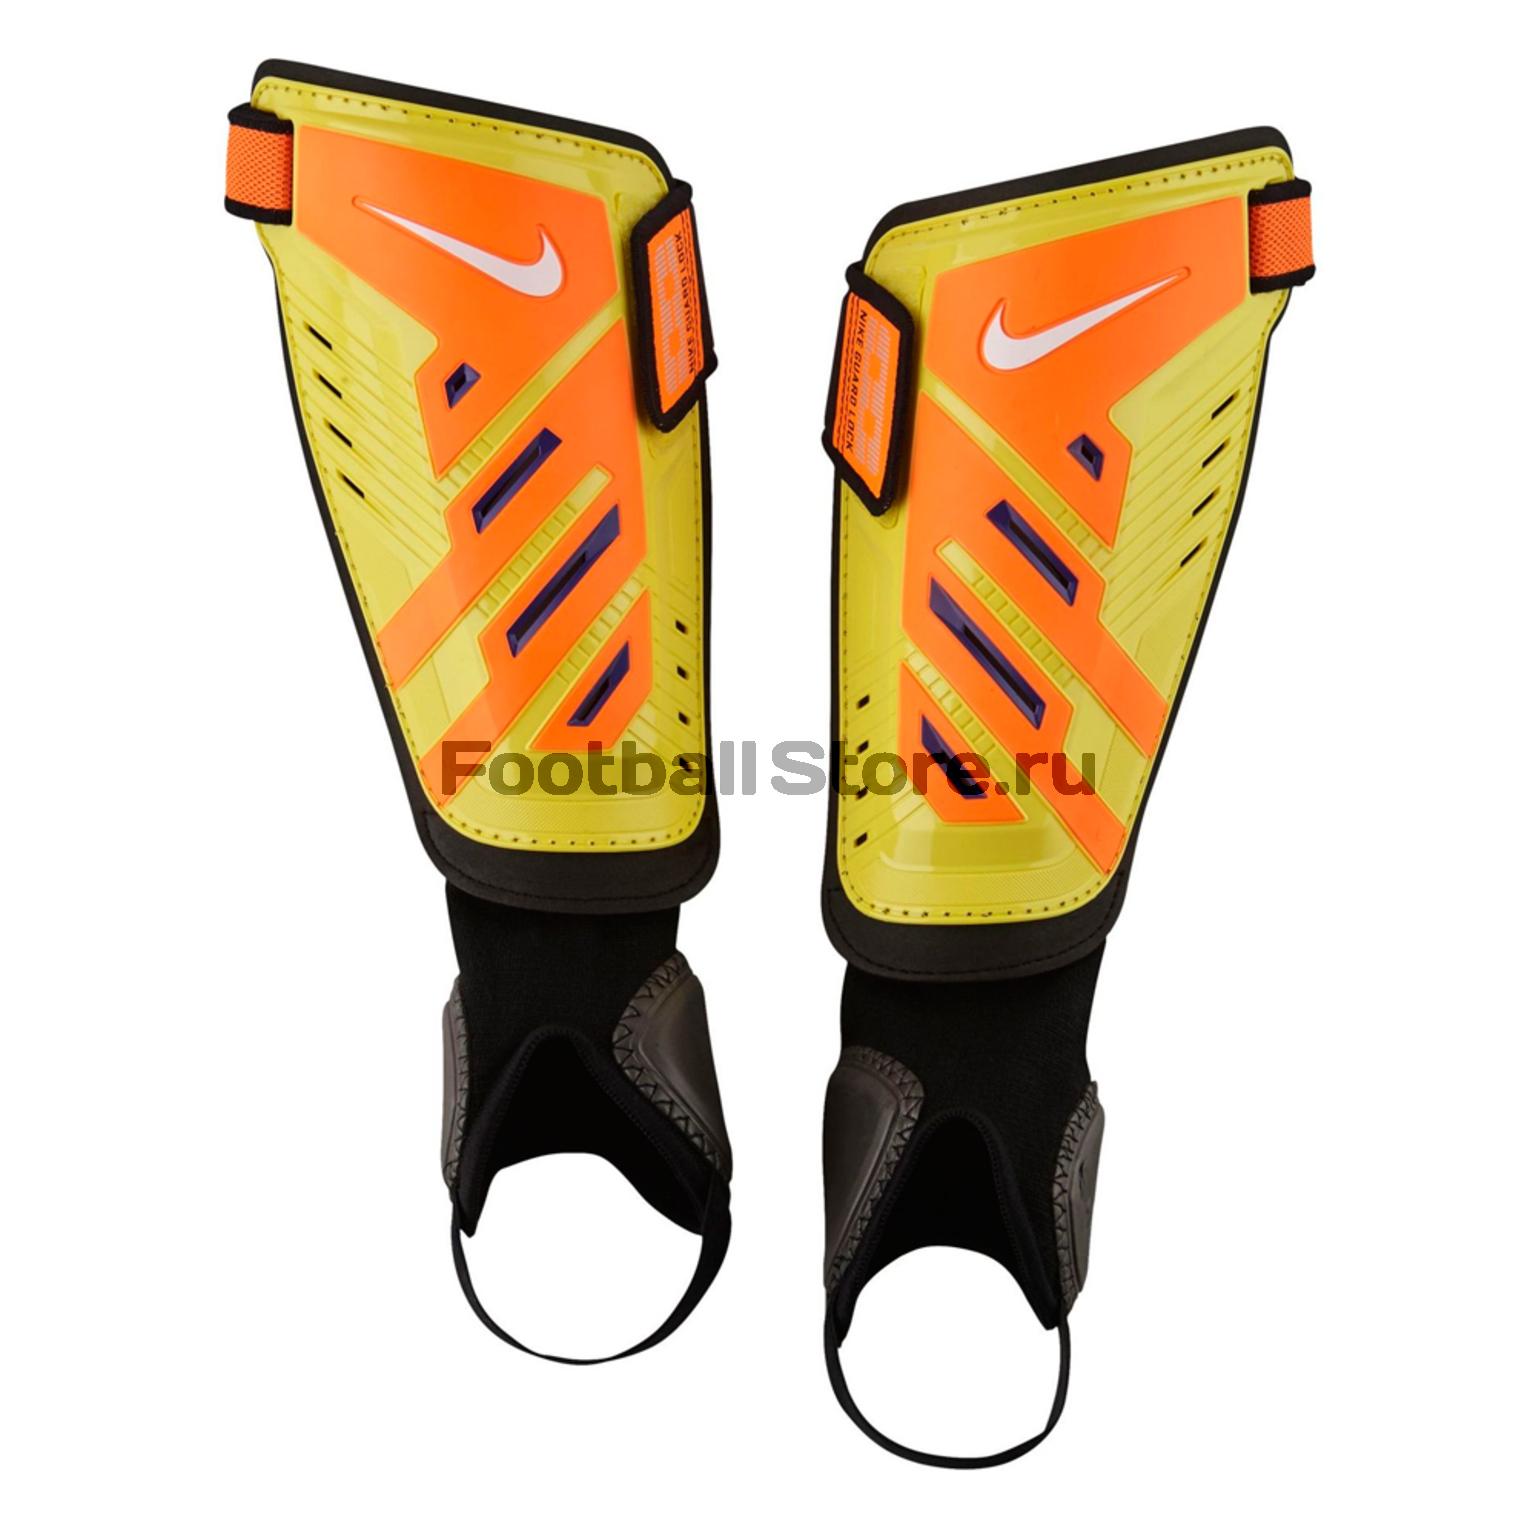 Защита ног Nike Щитки футбольные Nike Protegga Shield SP0255-790